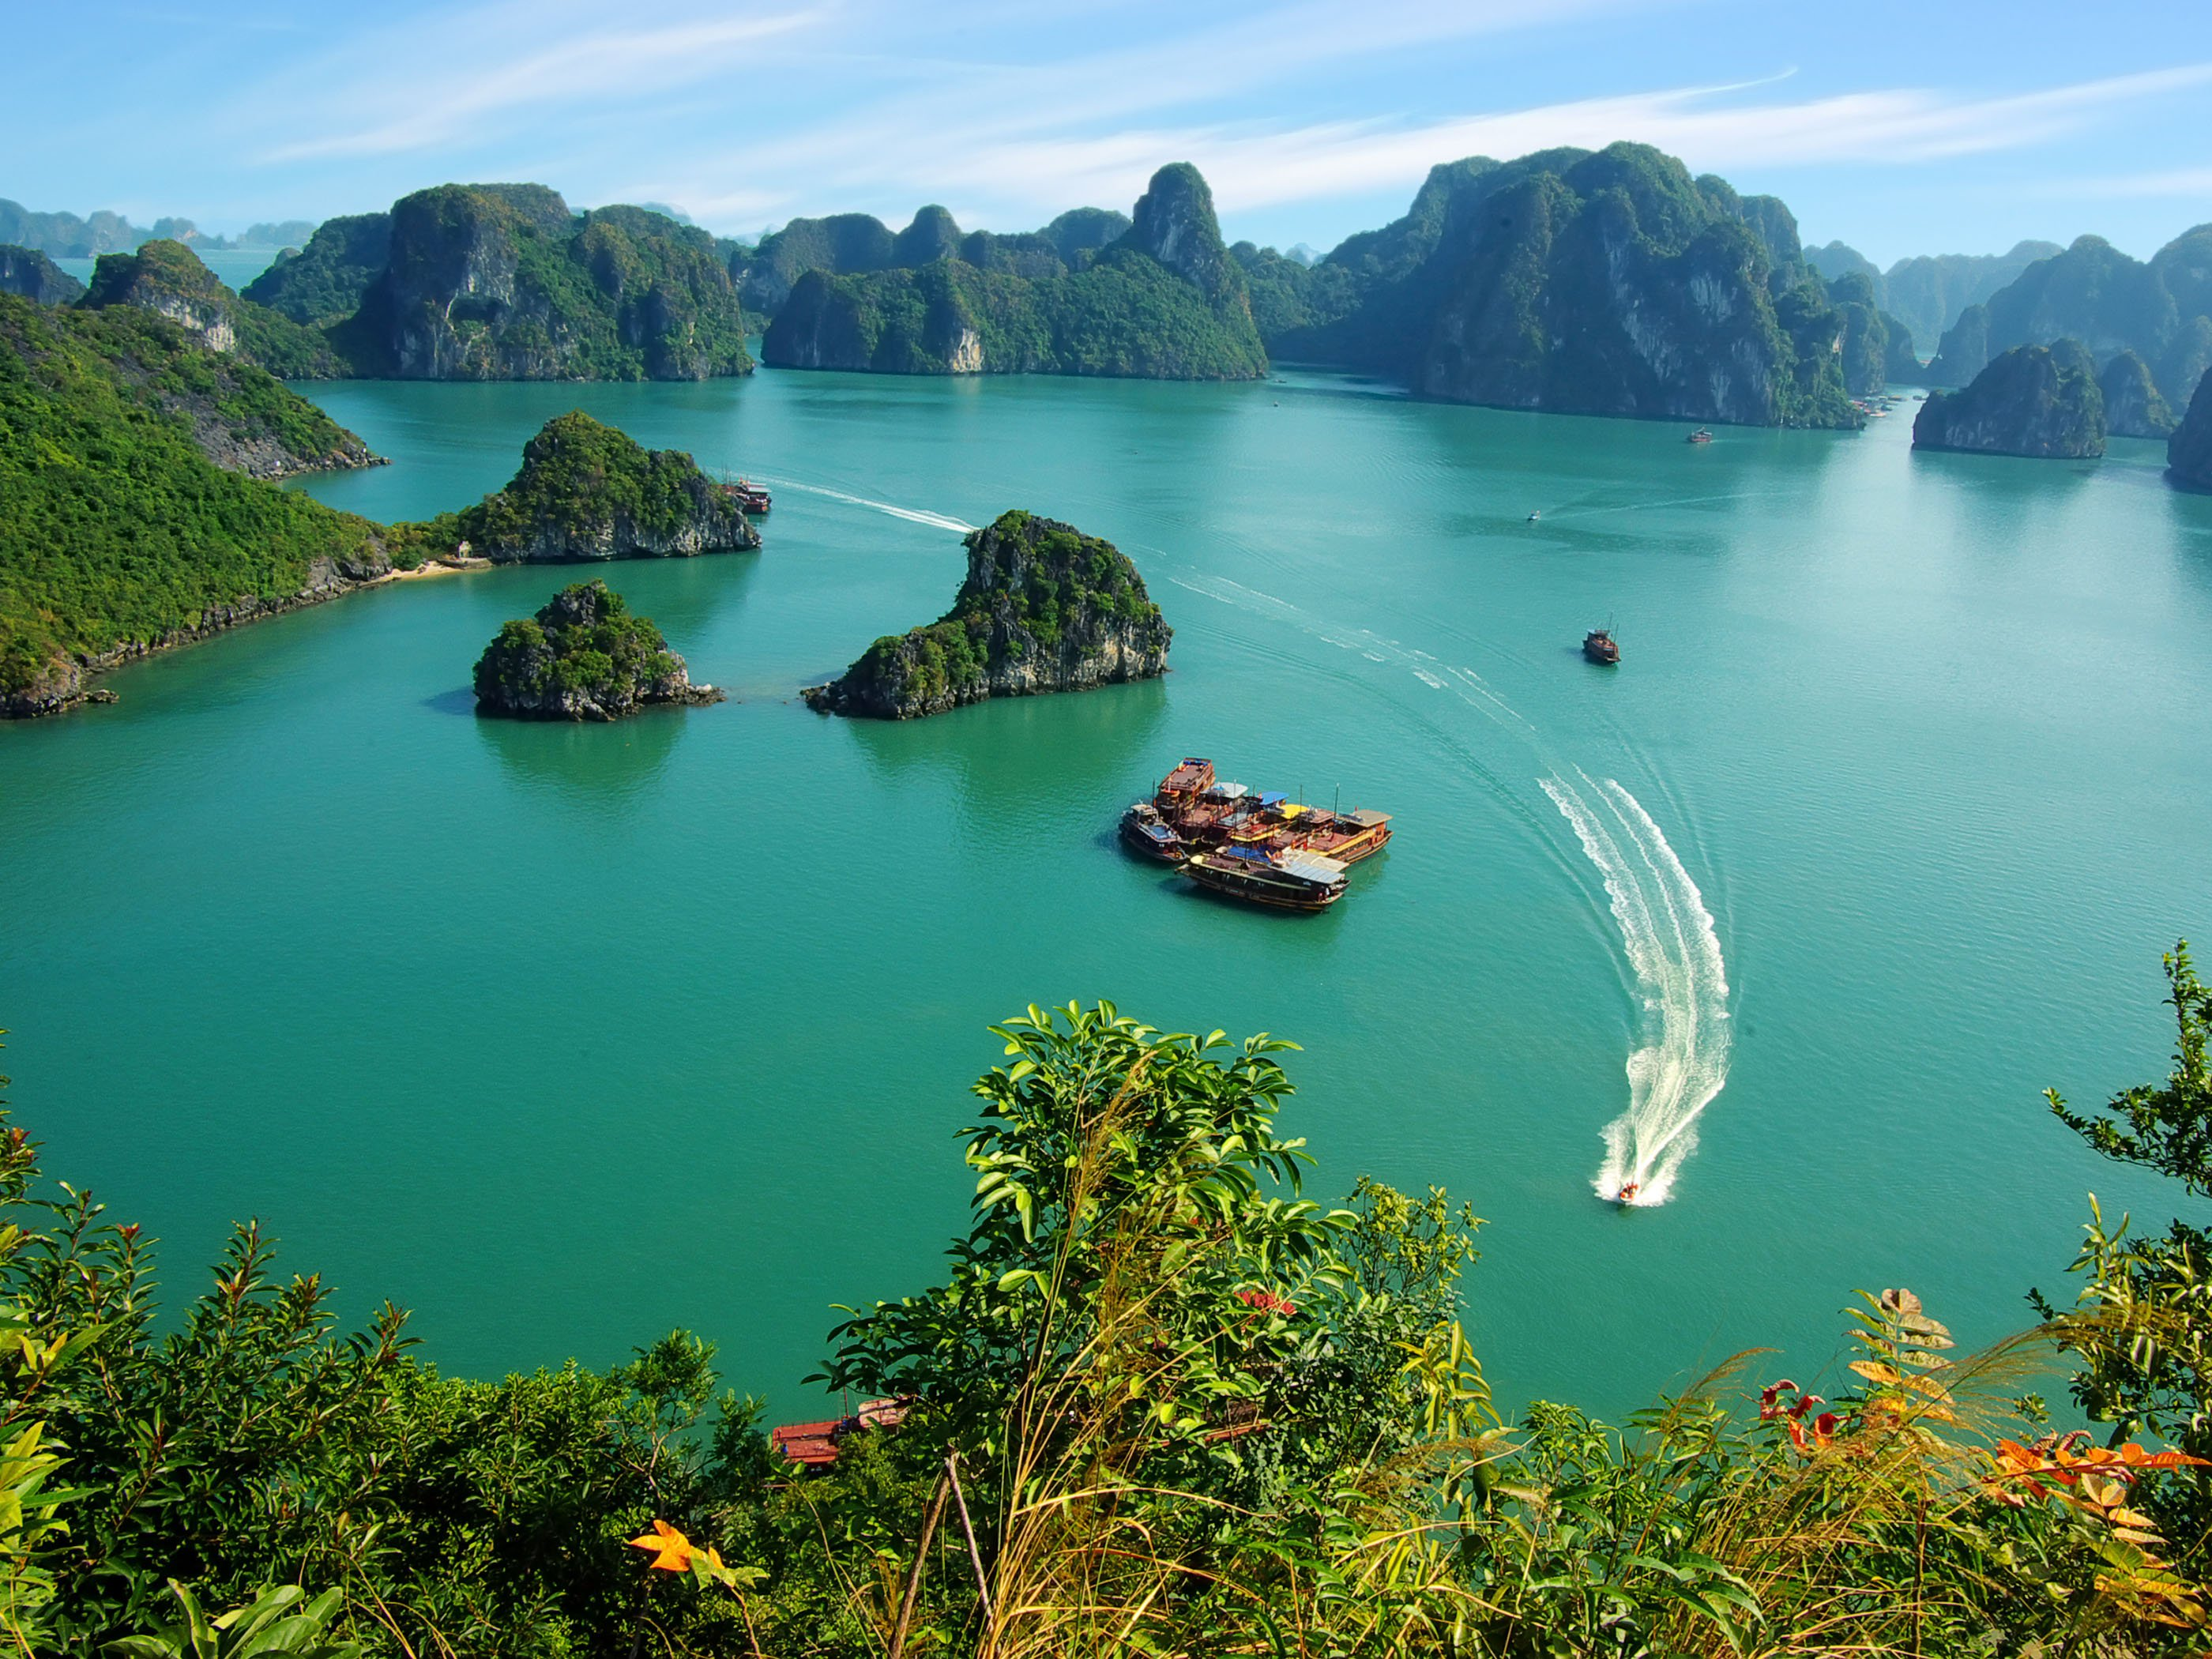 Tour du lịch Hà Nội – Hạ Long – Sapa – Chùa Hương 6N5Đ 6